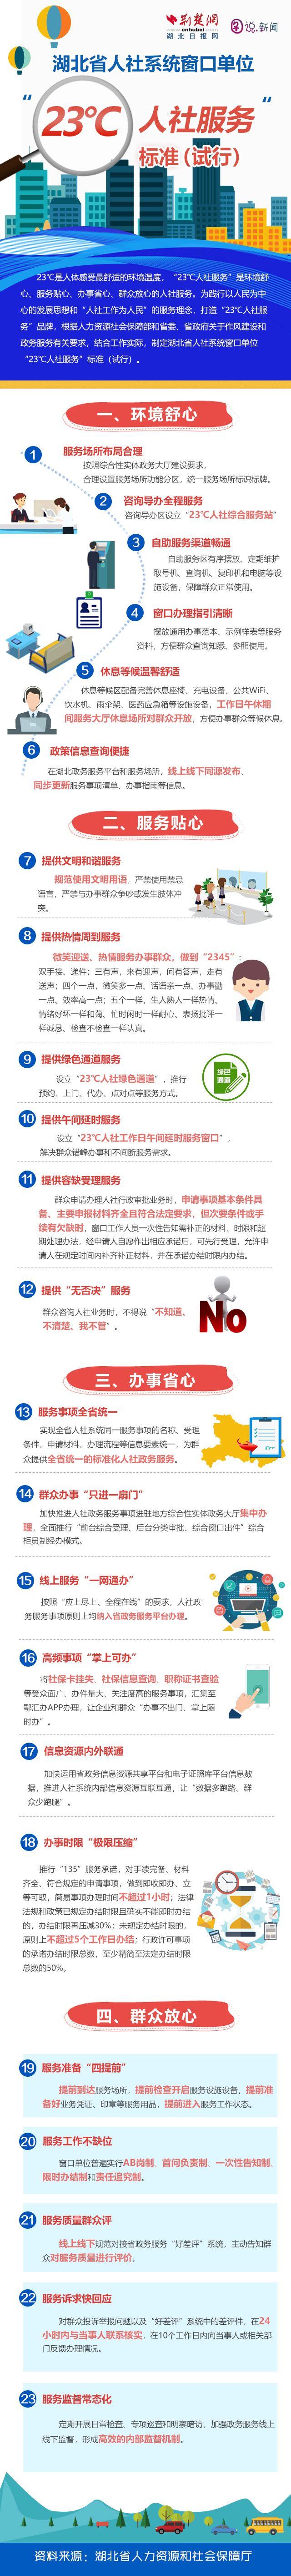 """图解:湖北省人社厅制定出台""""23℃人社服务""""标准"""